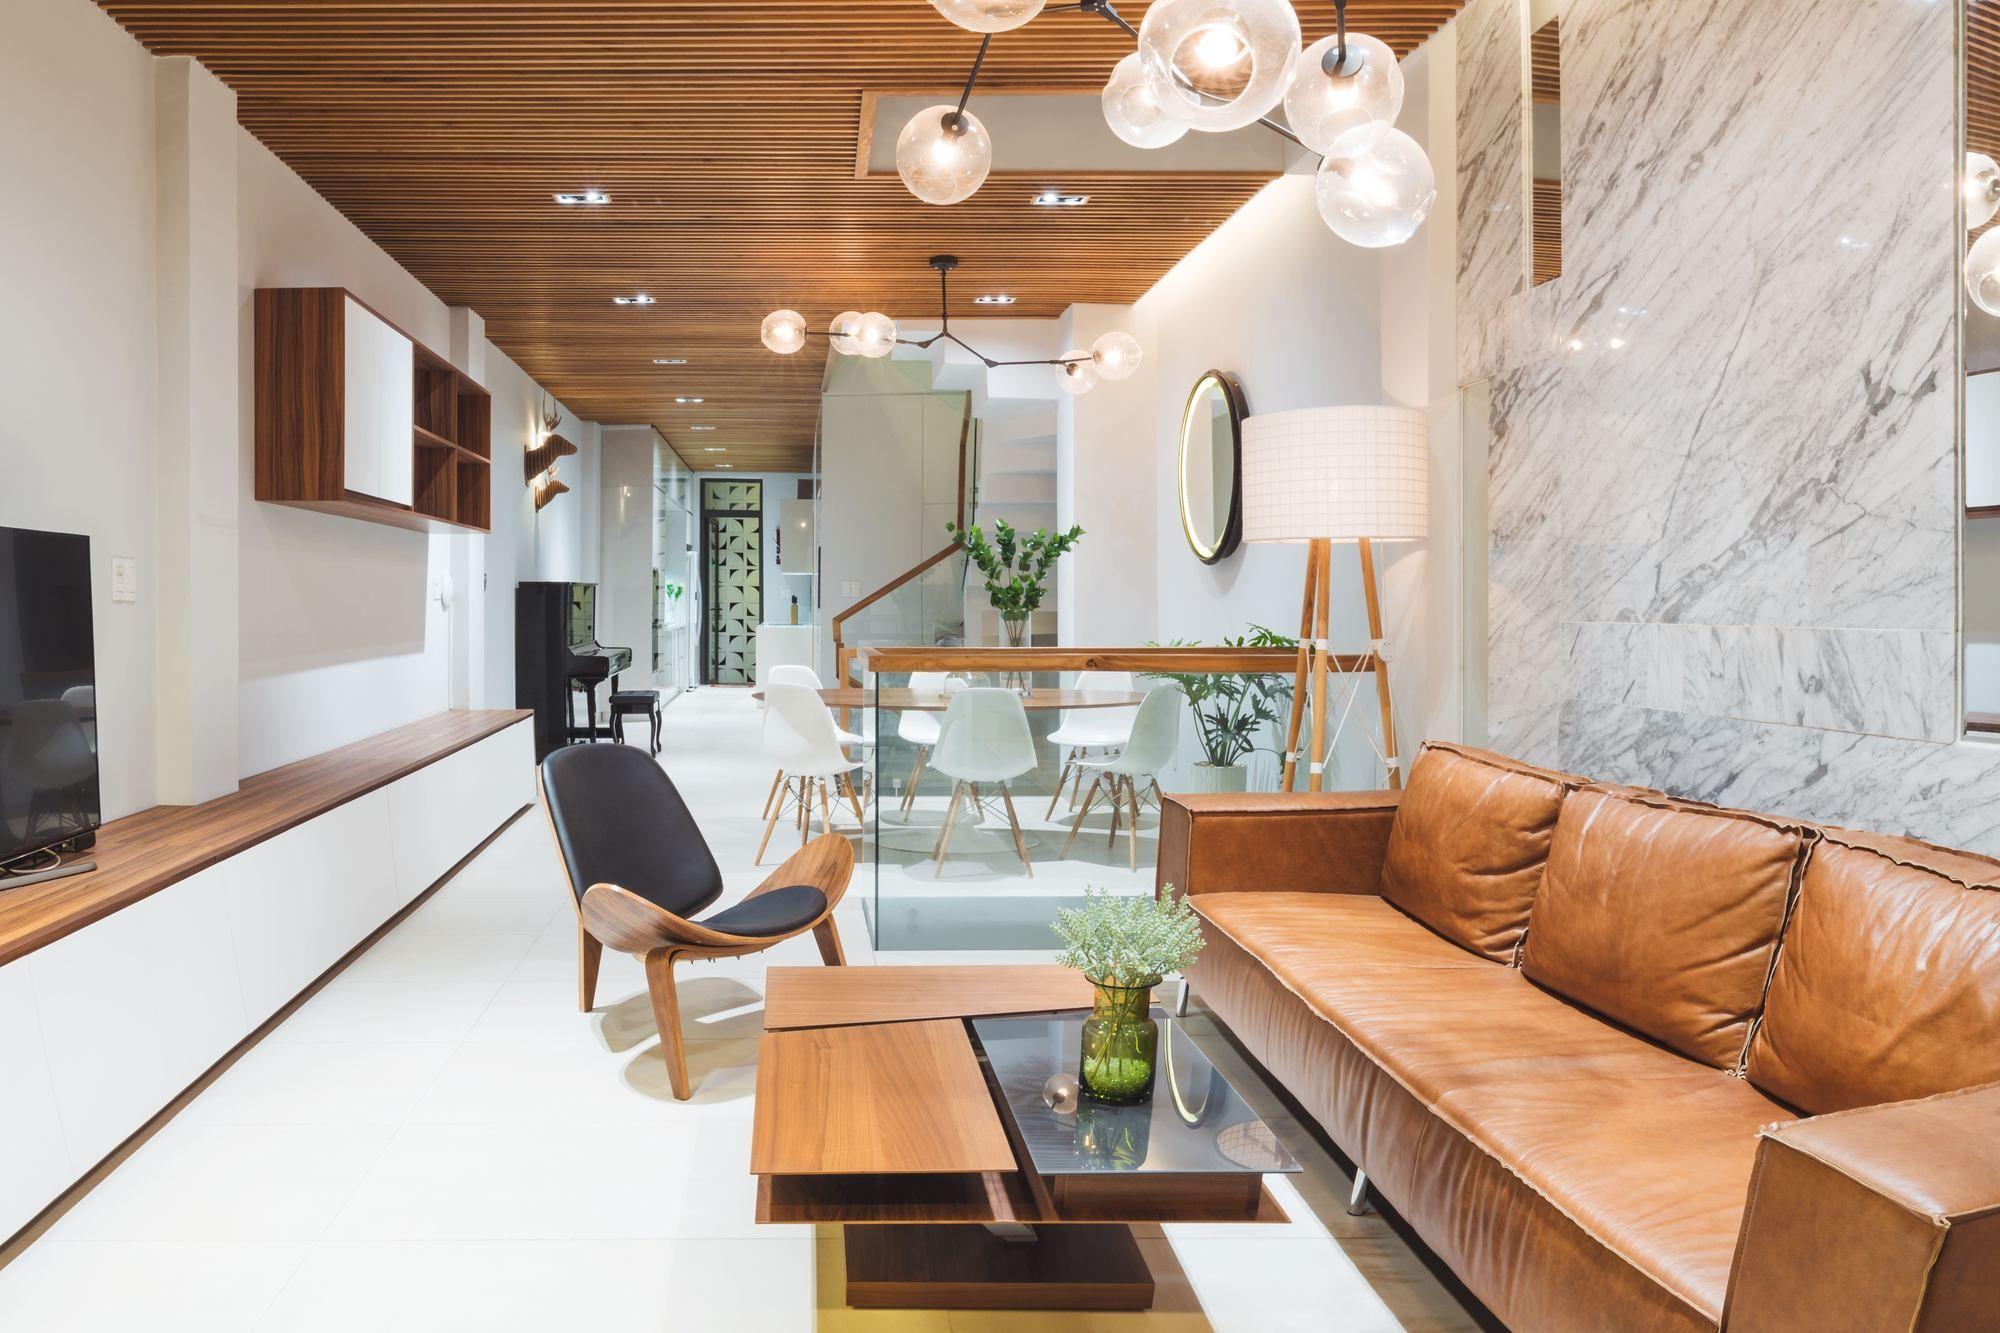 nội thất phòng khách đẹp hiện đại 21